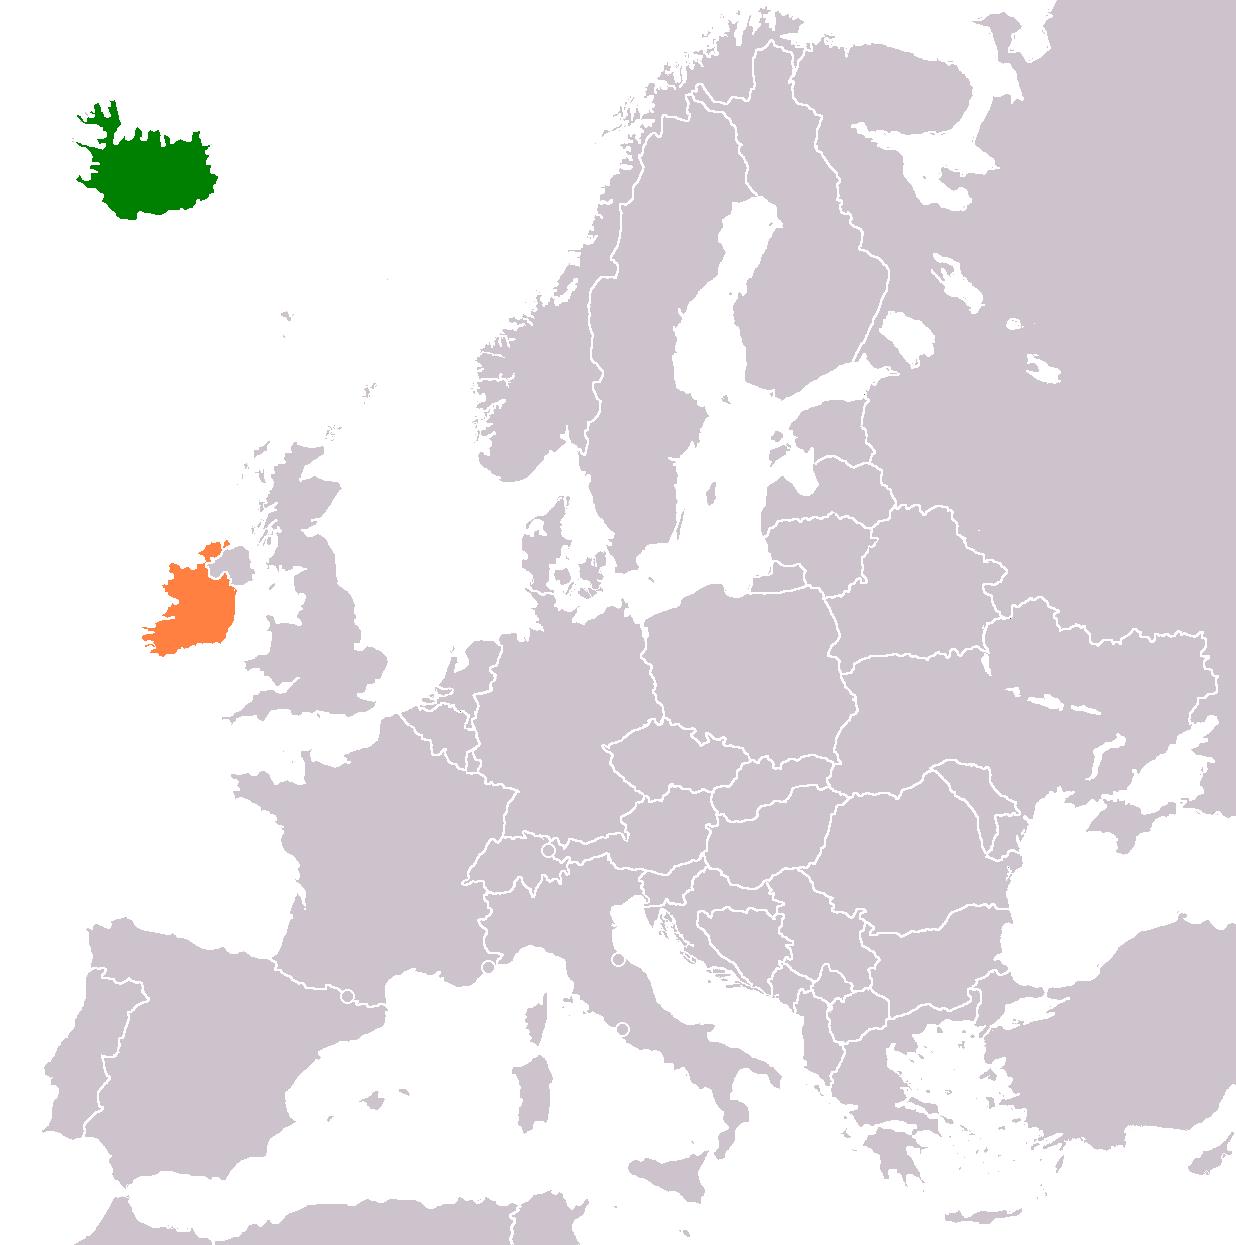 Iceland–Ireland relations - Wikipedia